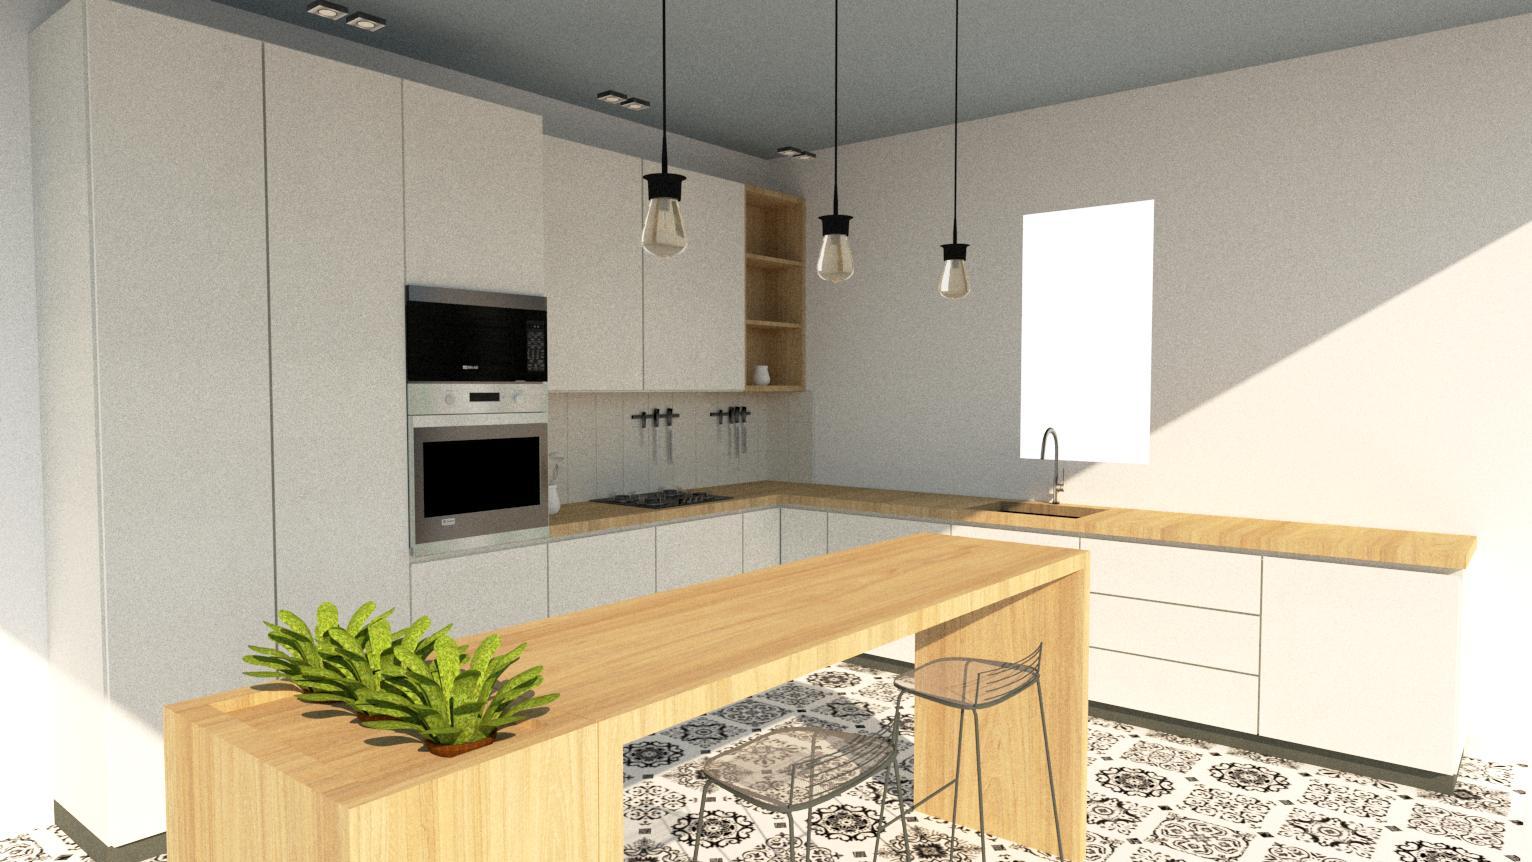 Jasa Interior Jogja Profesional Design 3d